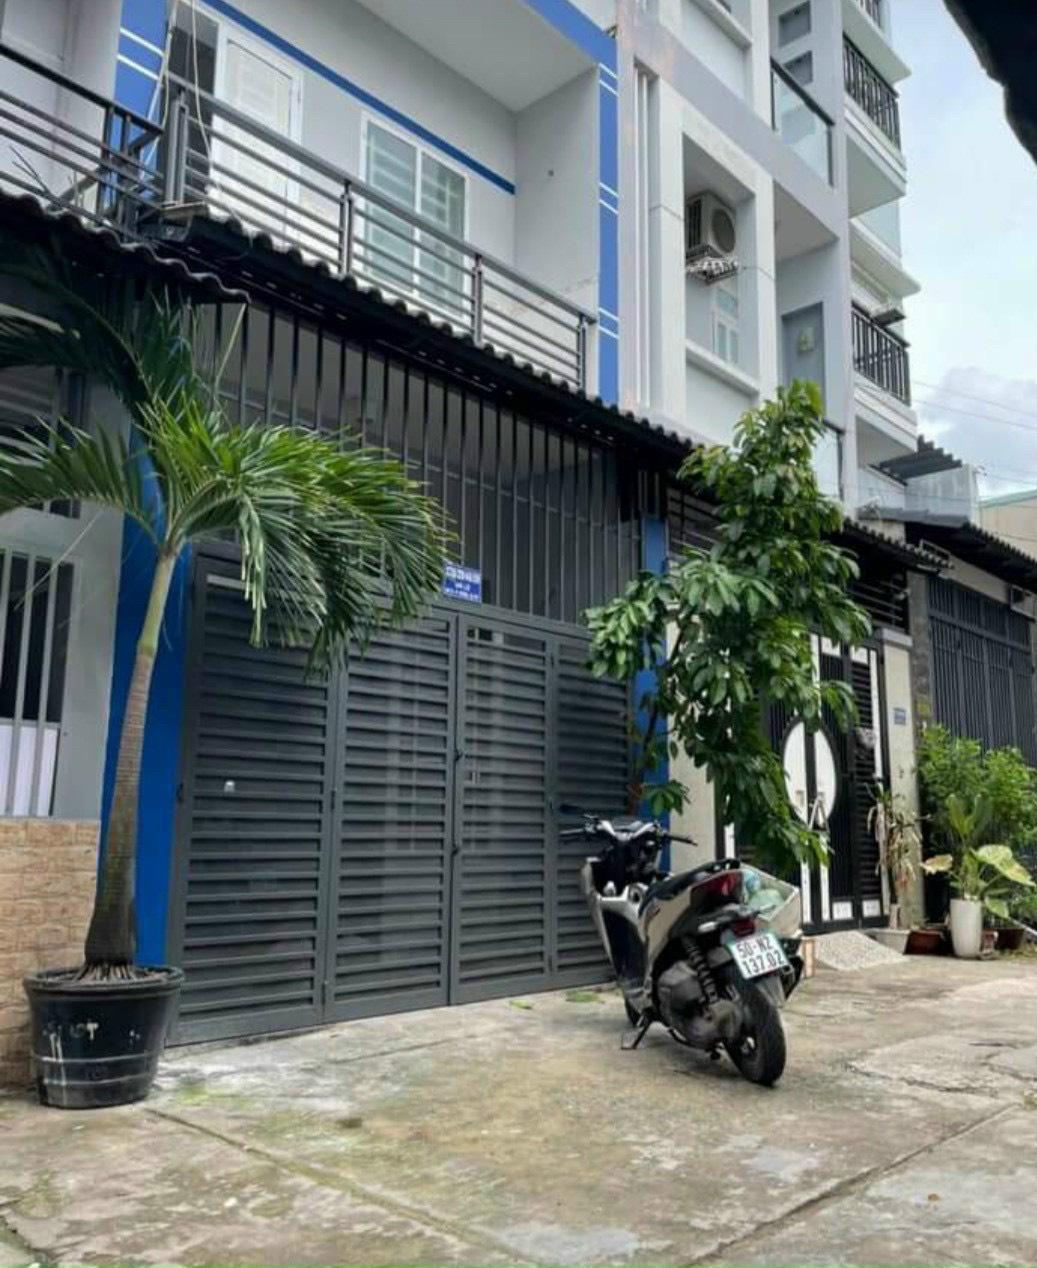 Bán nhà hẻm 276 Mã Lò quận Bình Tân dưới 4 tỷ mới nhất